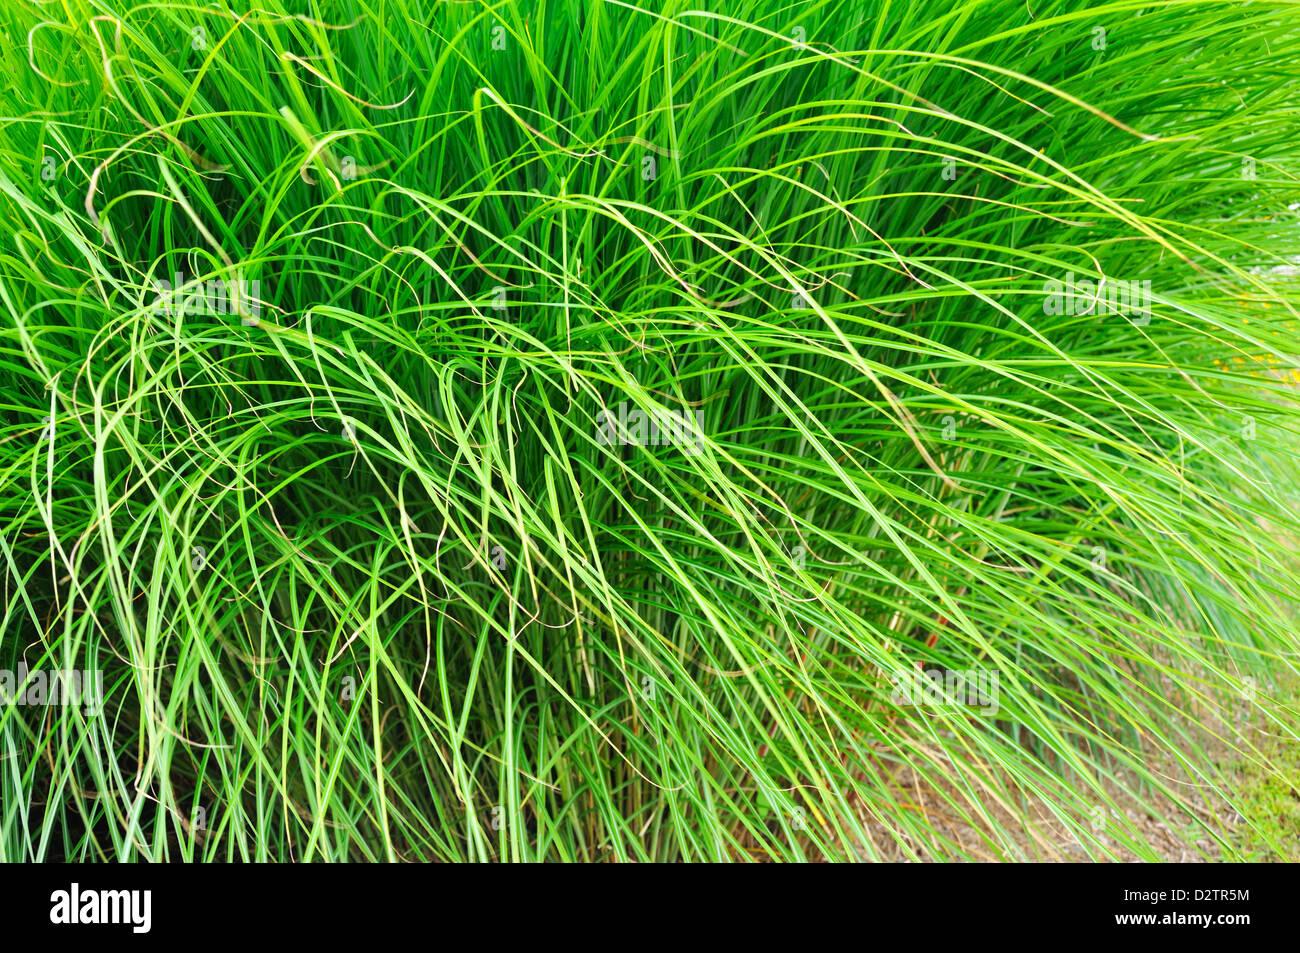 Tall Ornamental Grass Tall ornamental grass stock photo 53405456 alamy tall ornamental grass workwithnaturefo